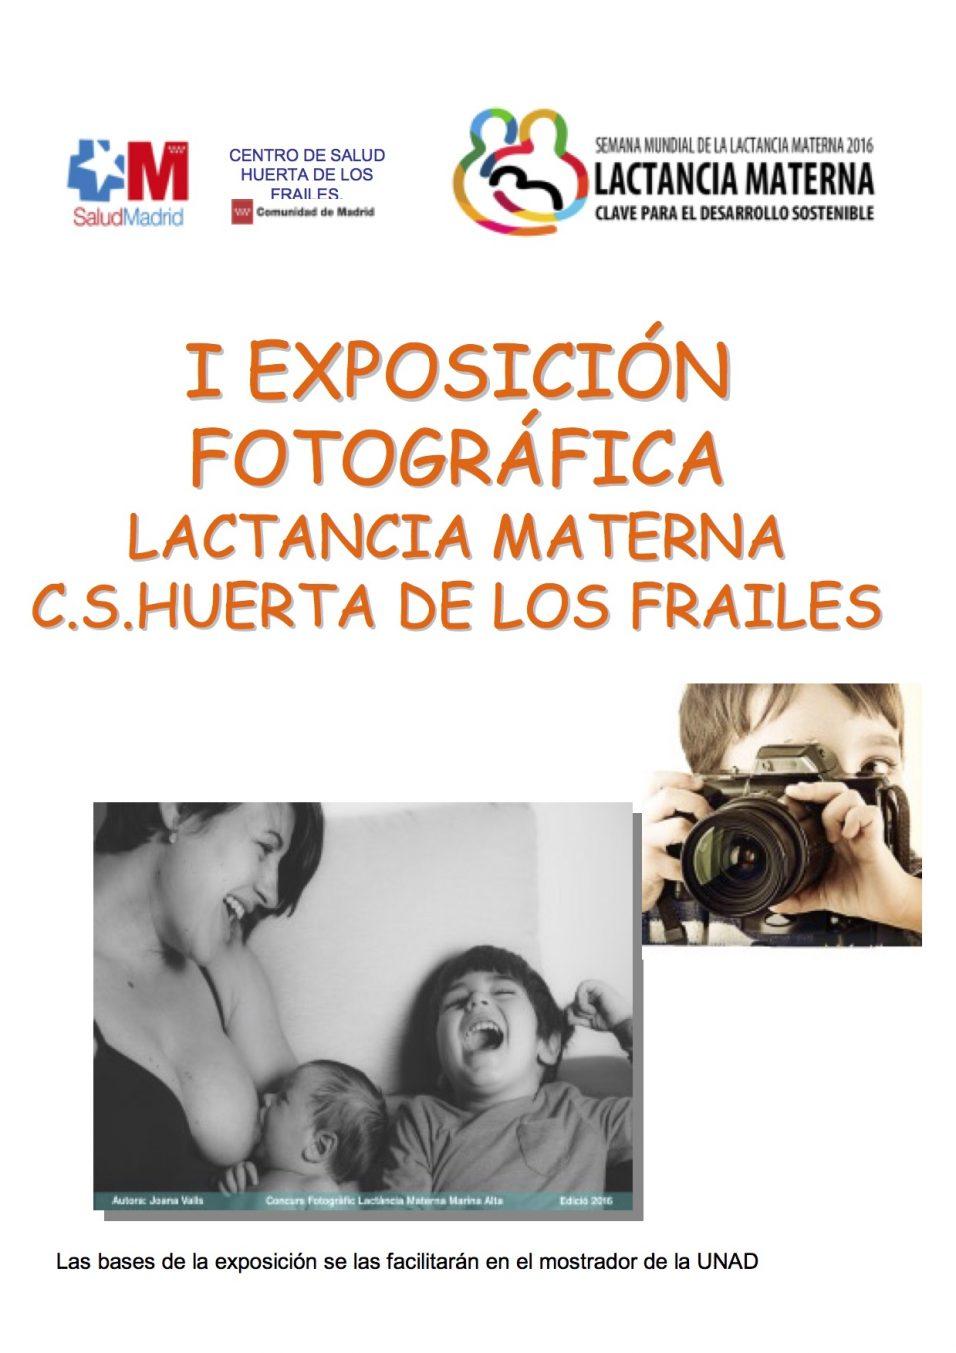 lactancia materna exposición fotografica leganes